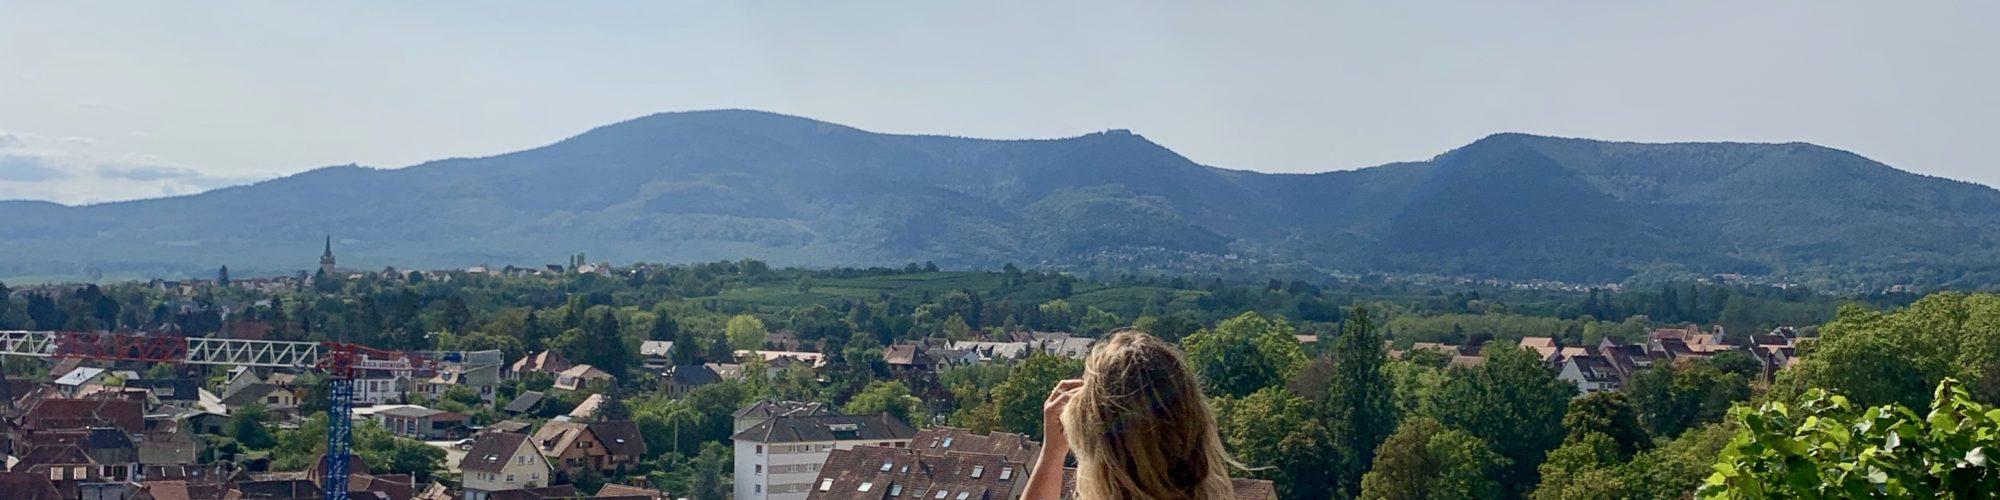 Un week-end sur la Véloroute du Vignoble Alsacien